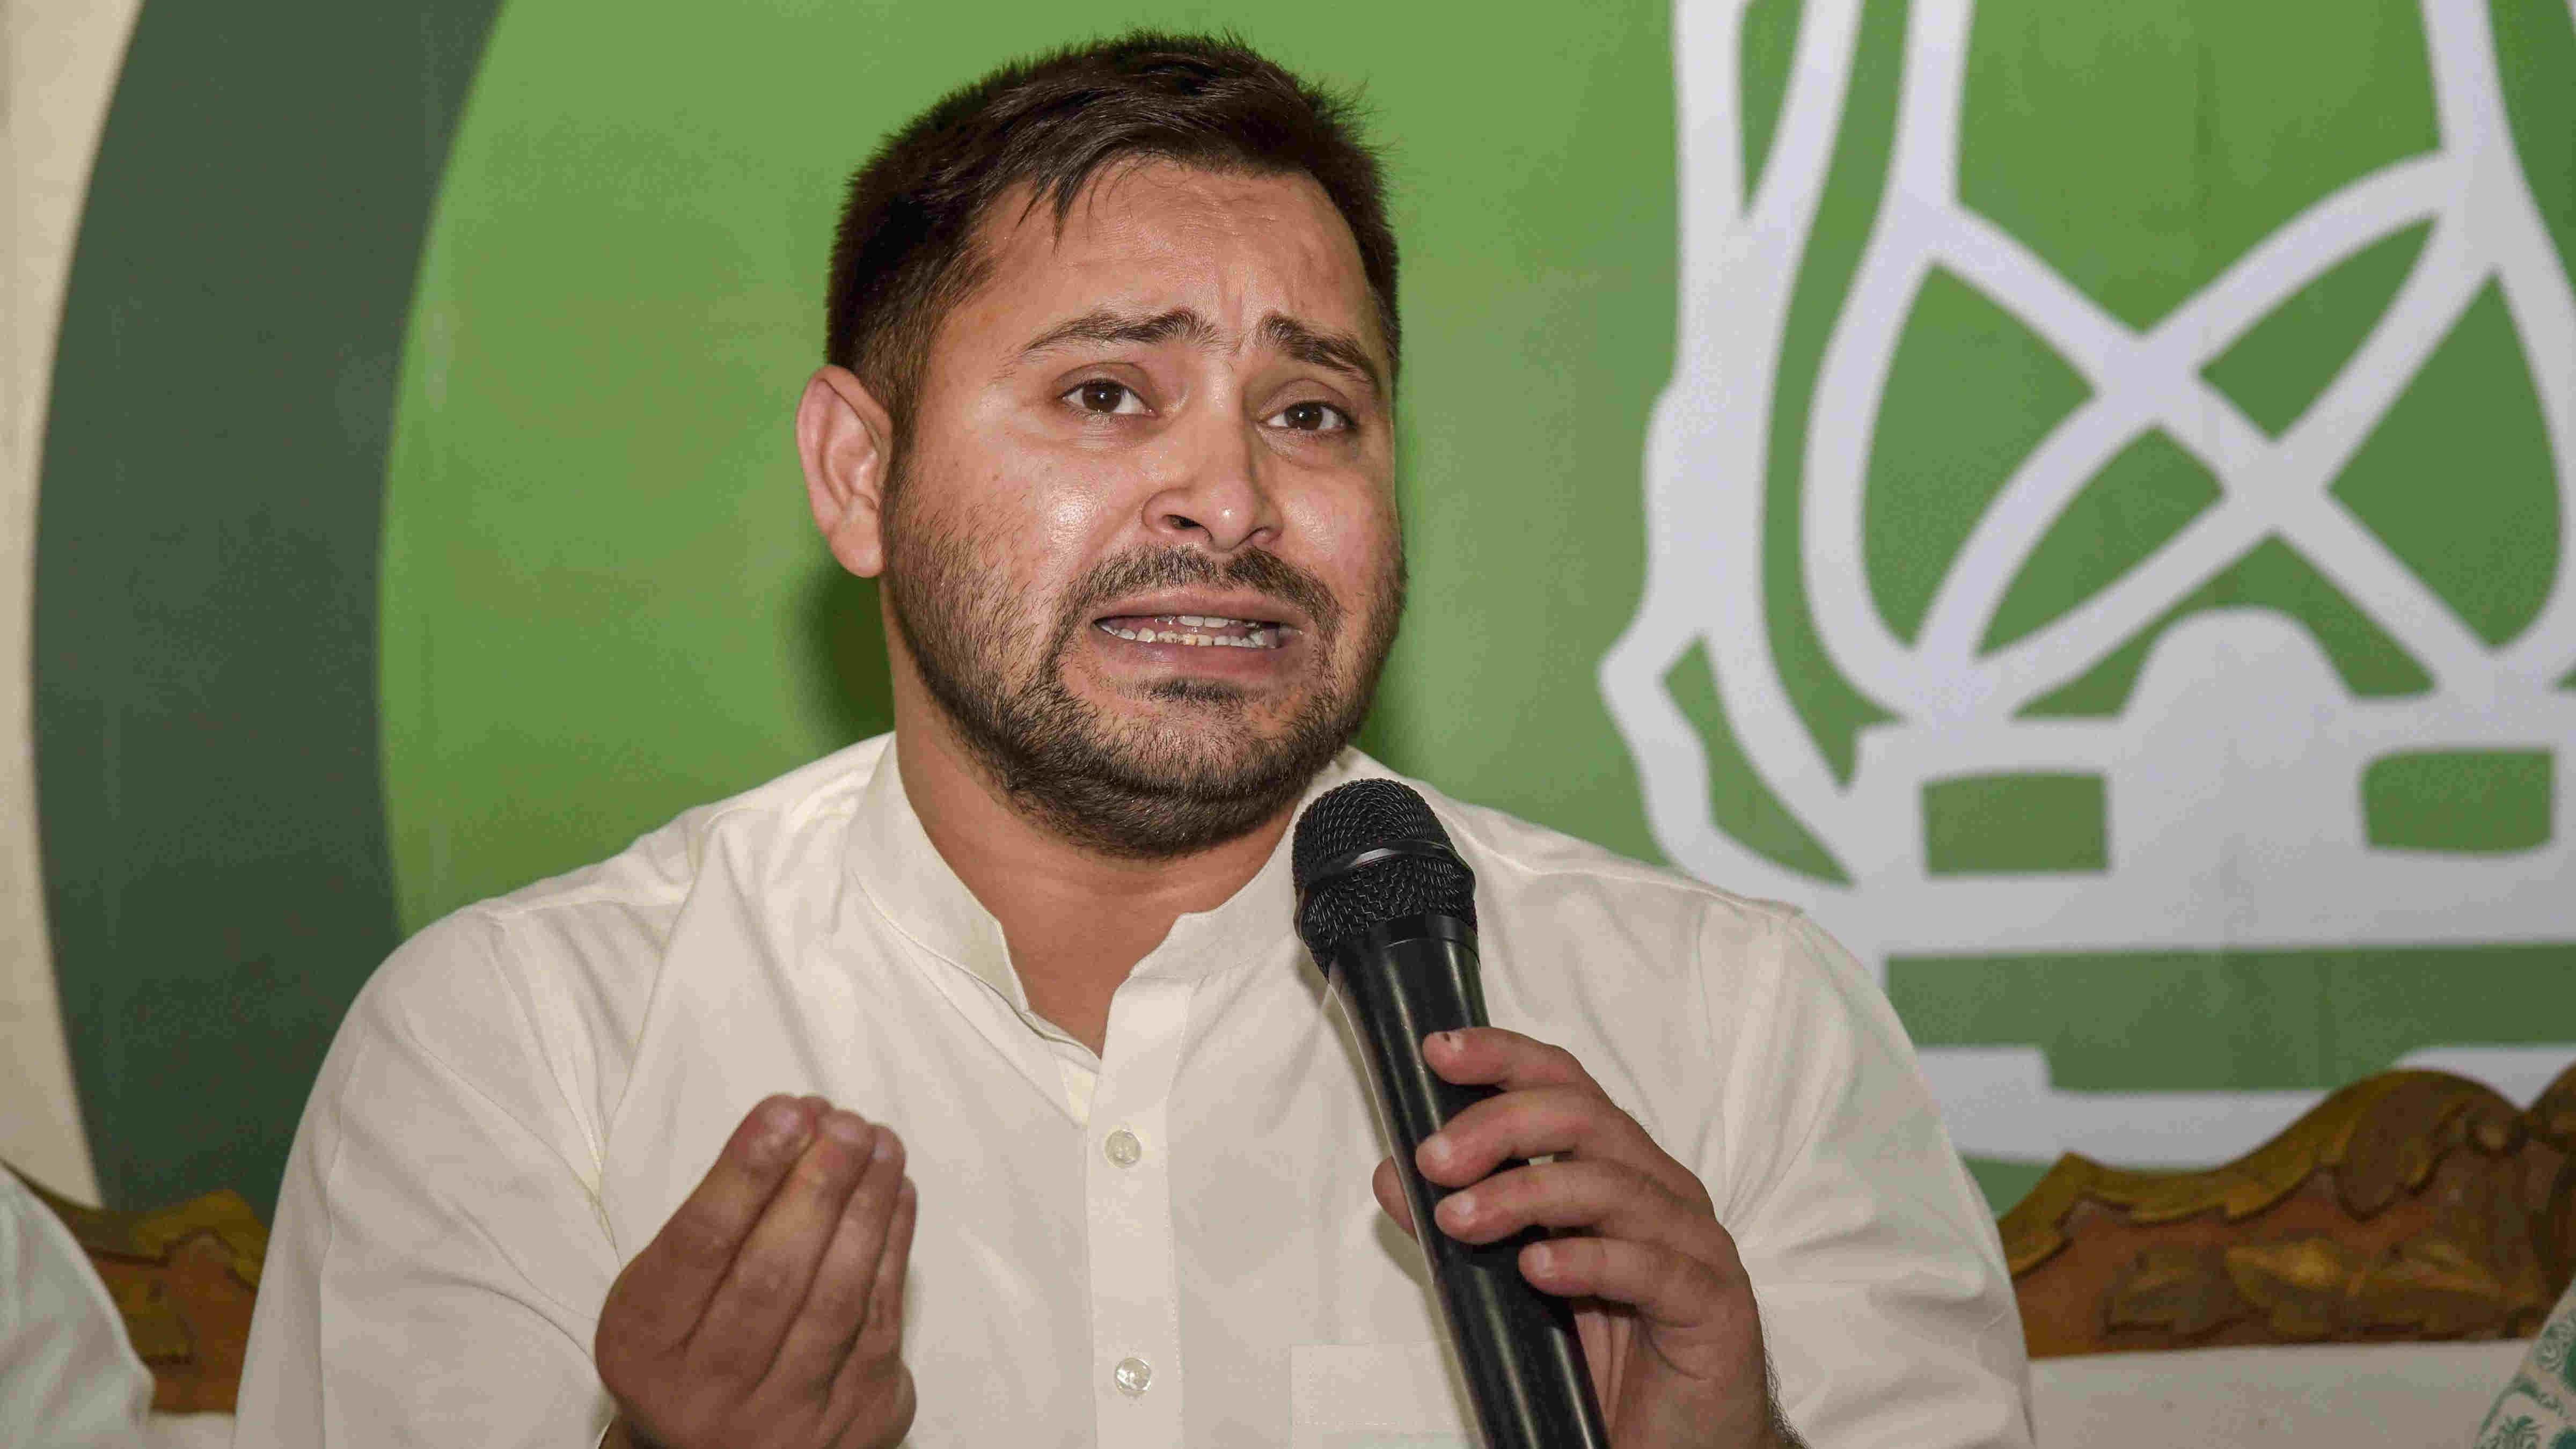 RJD leader Tejashwi Yadav addresses a press conference, in Patna, Thursday, Nov. 12, 2020.